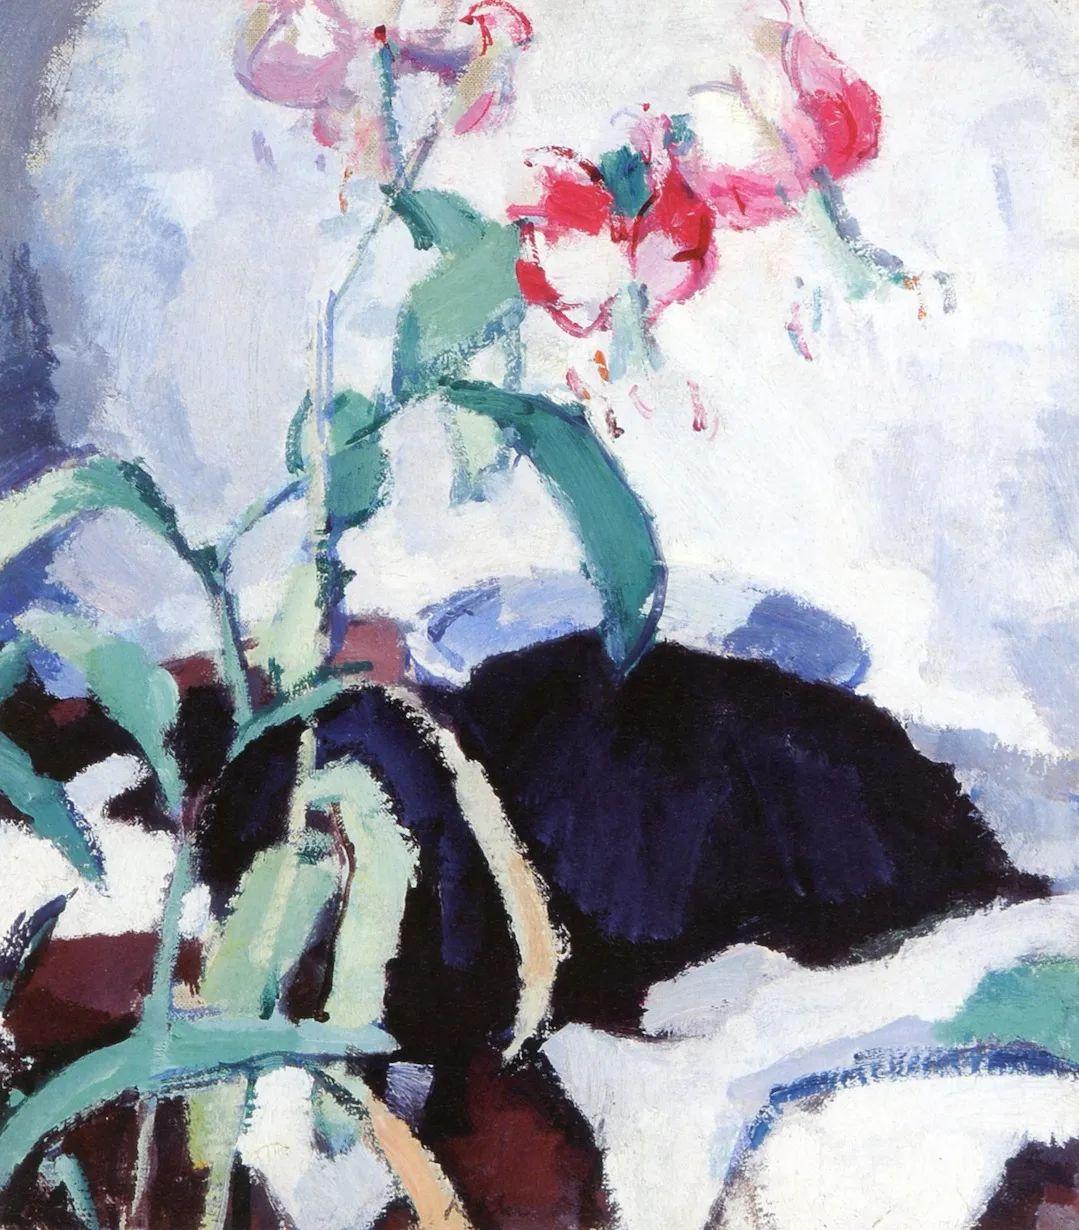 花卉篇,苏格兰色彩画家佩普洛插图45